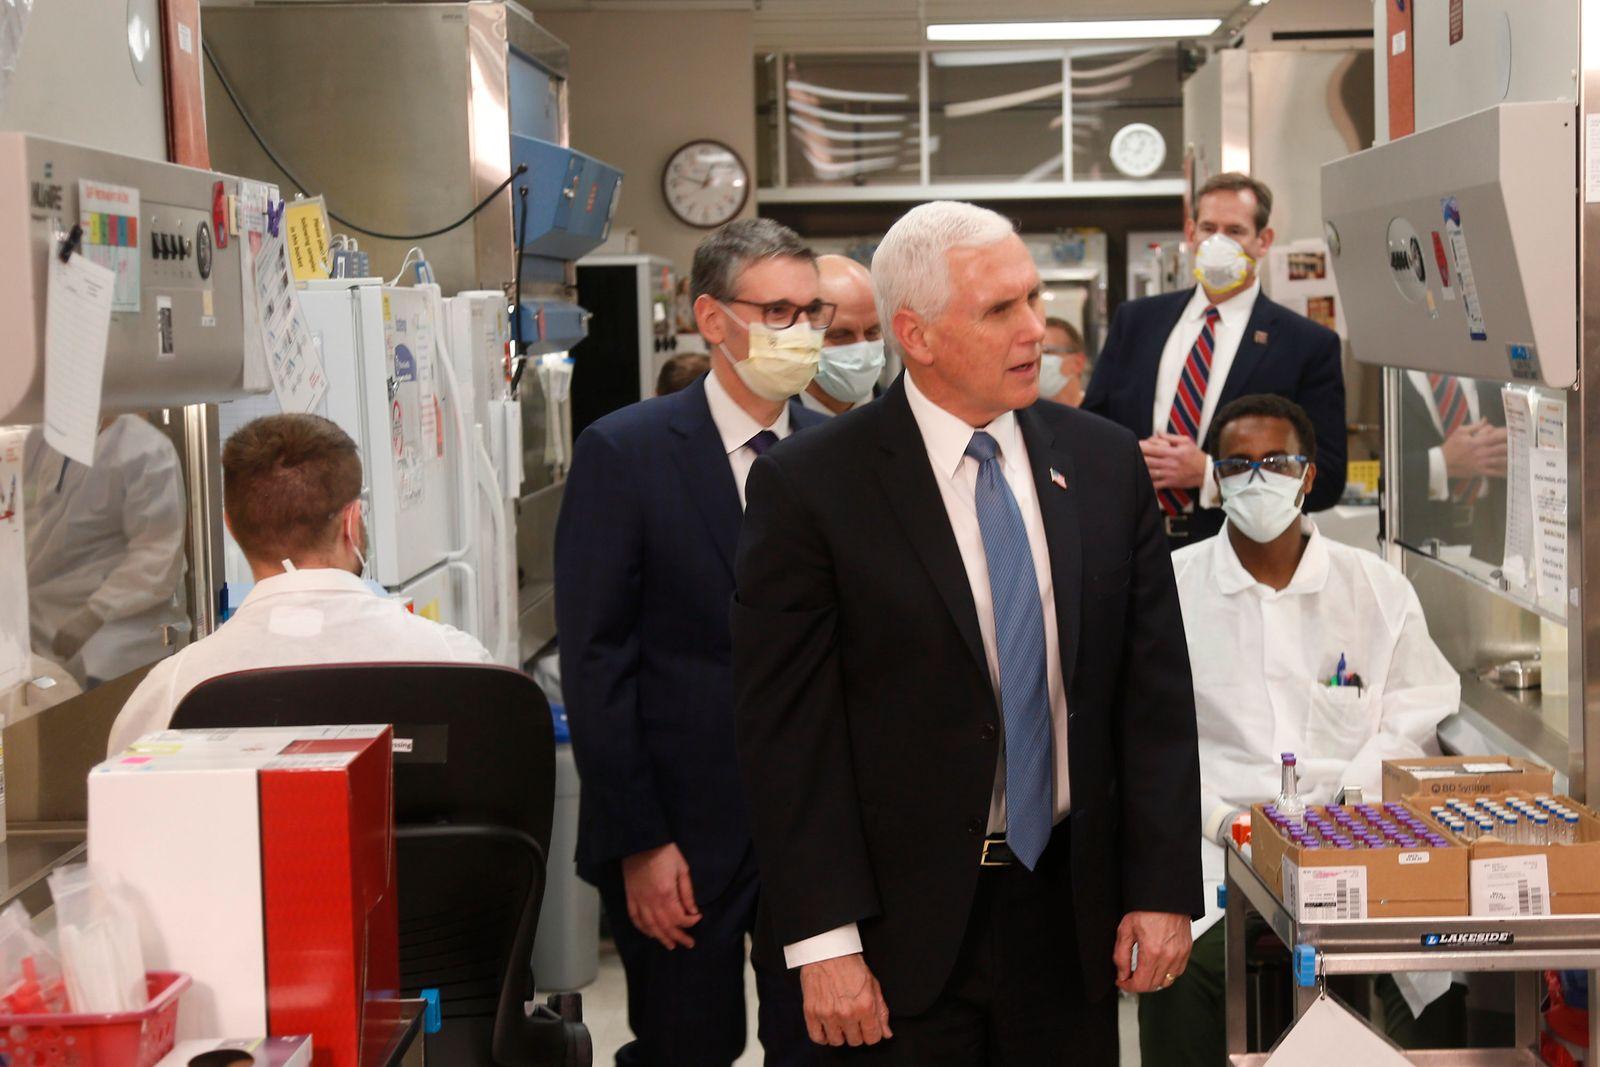 Pence bedauert Verzicht auf Maske bei Klinikbesuch